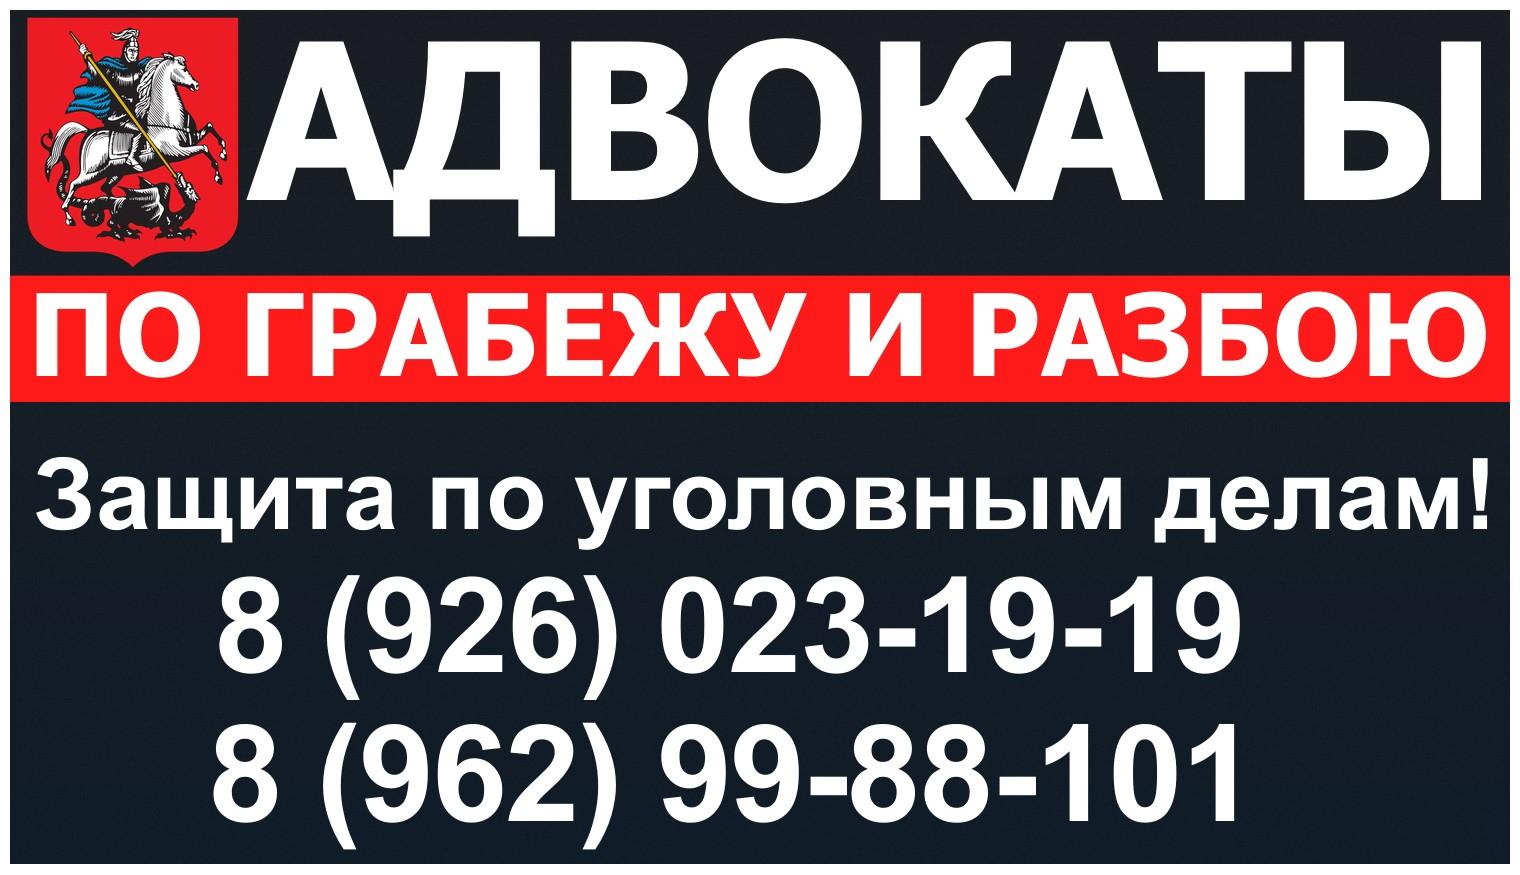 grabezh. advokat_po_grabezhu